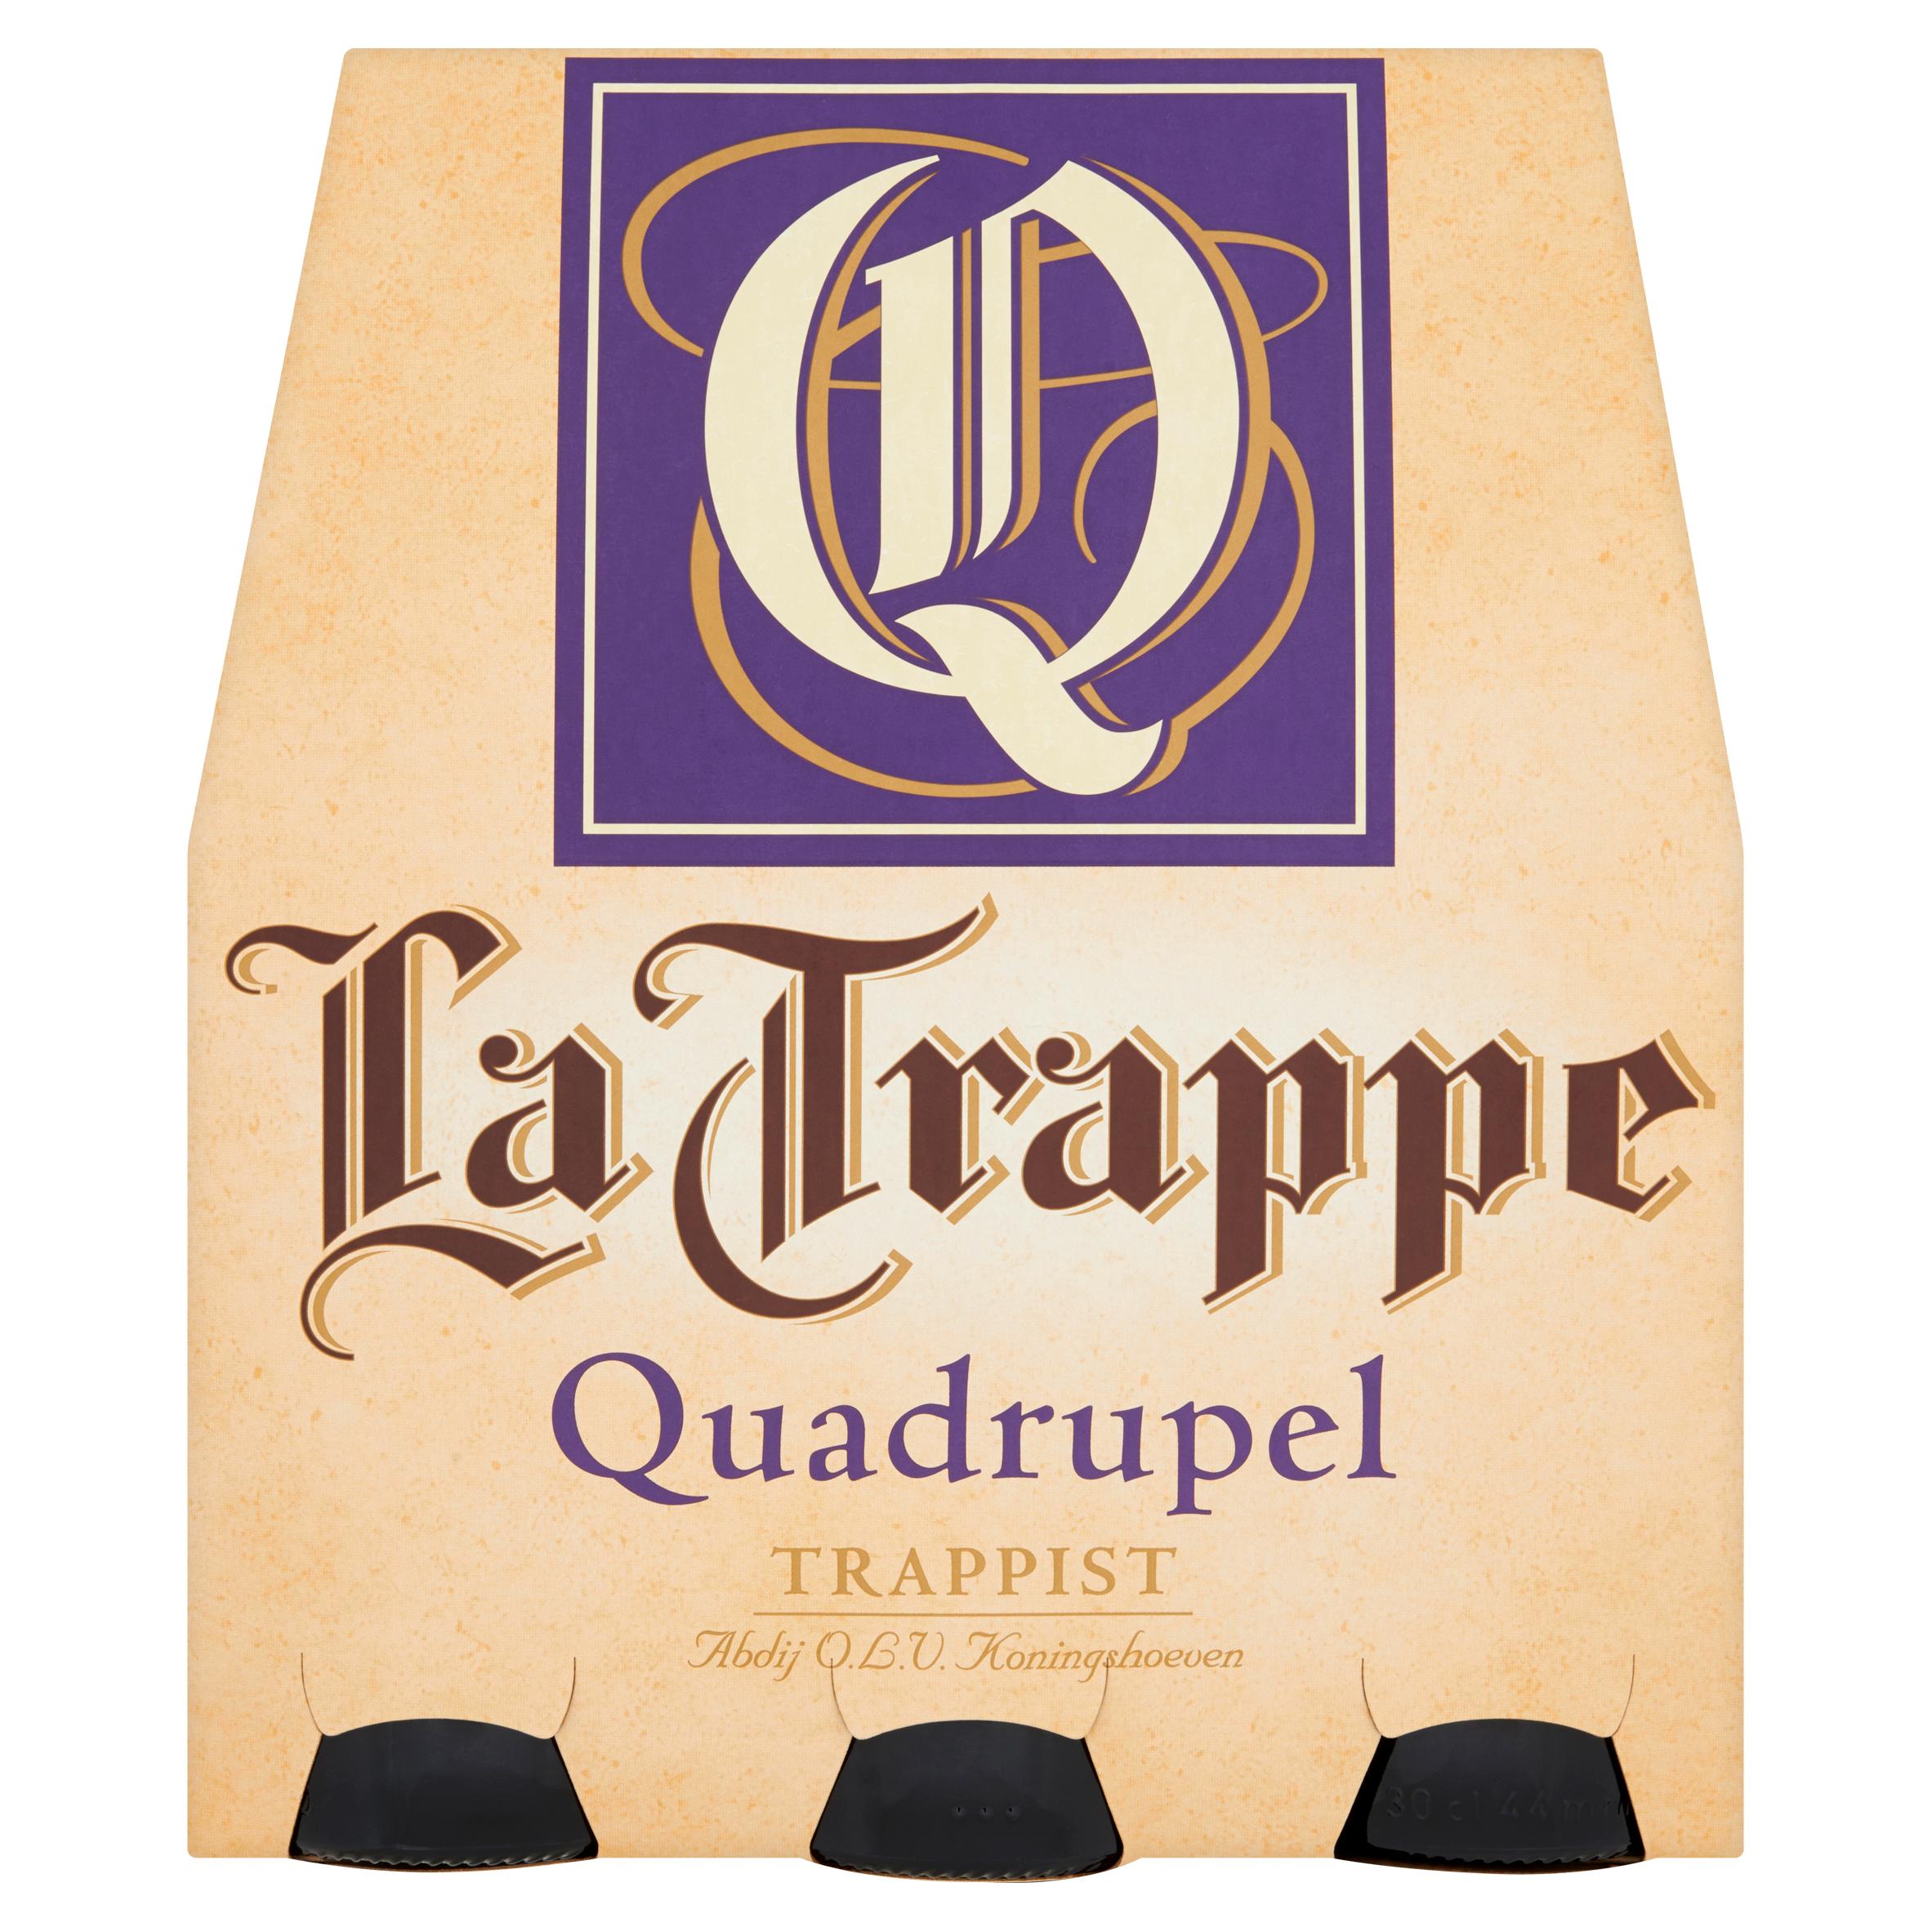 La Trappe Trappist Quadrupel Speciaalbier 6 x 30 cl